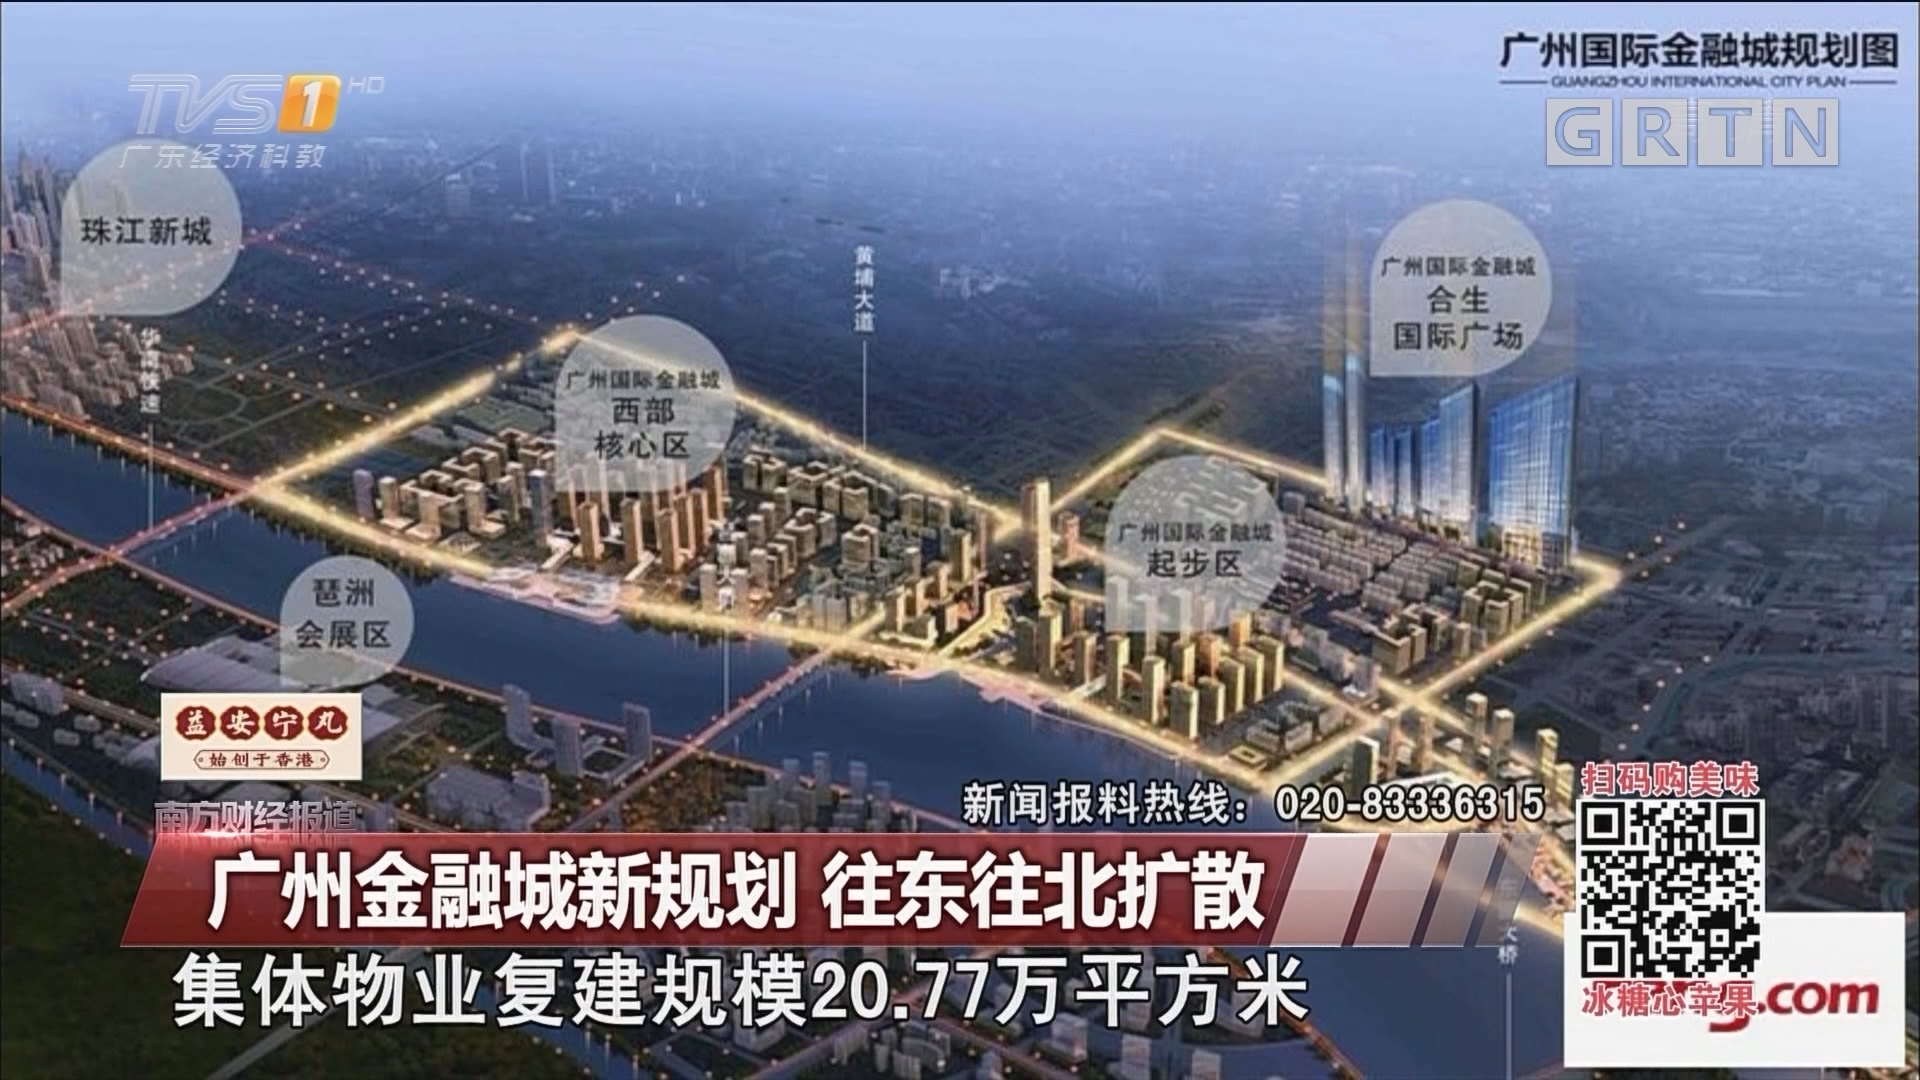 广州金融城新规划 往东往北扩散